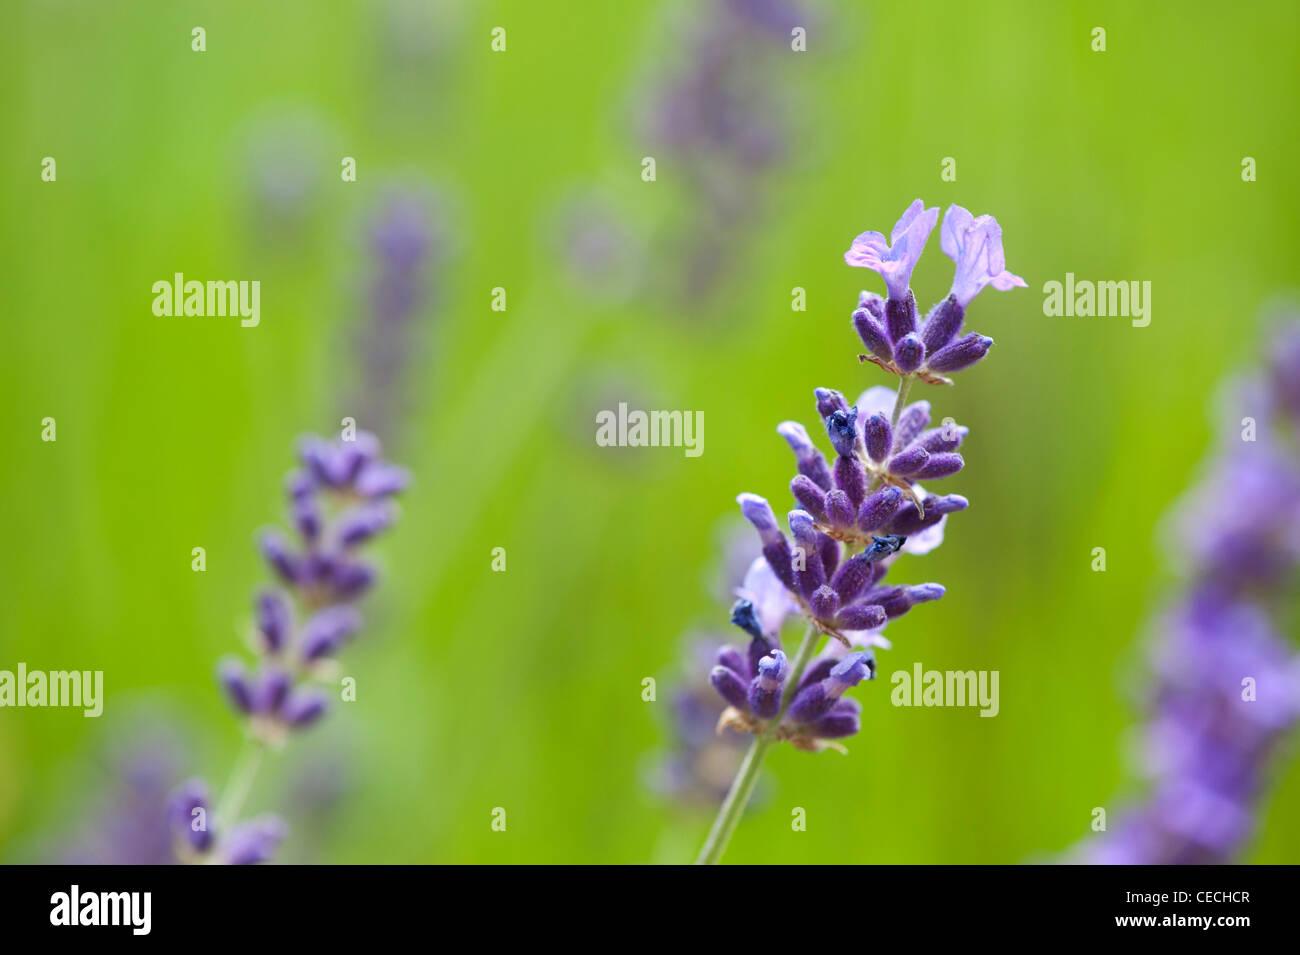 Lavandula Angustifolia 'Hidcote'. Lavendel gegen weichen grünen Hintergrund Stockbild